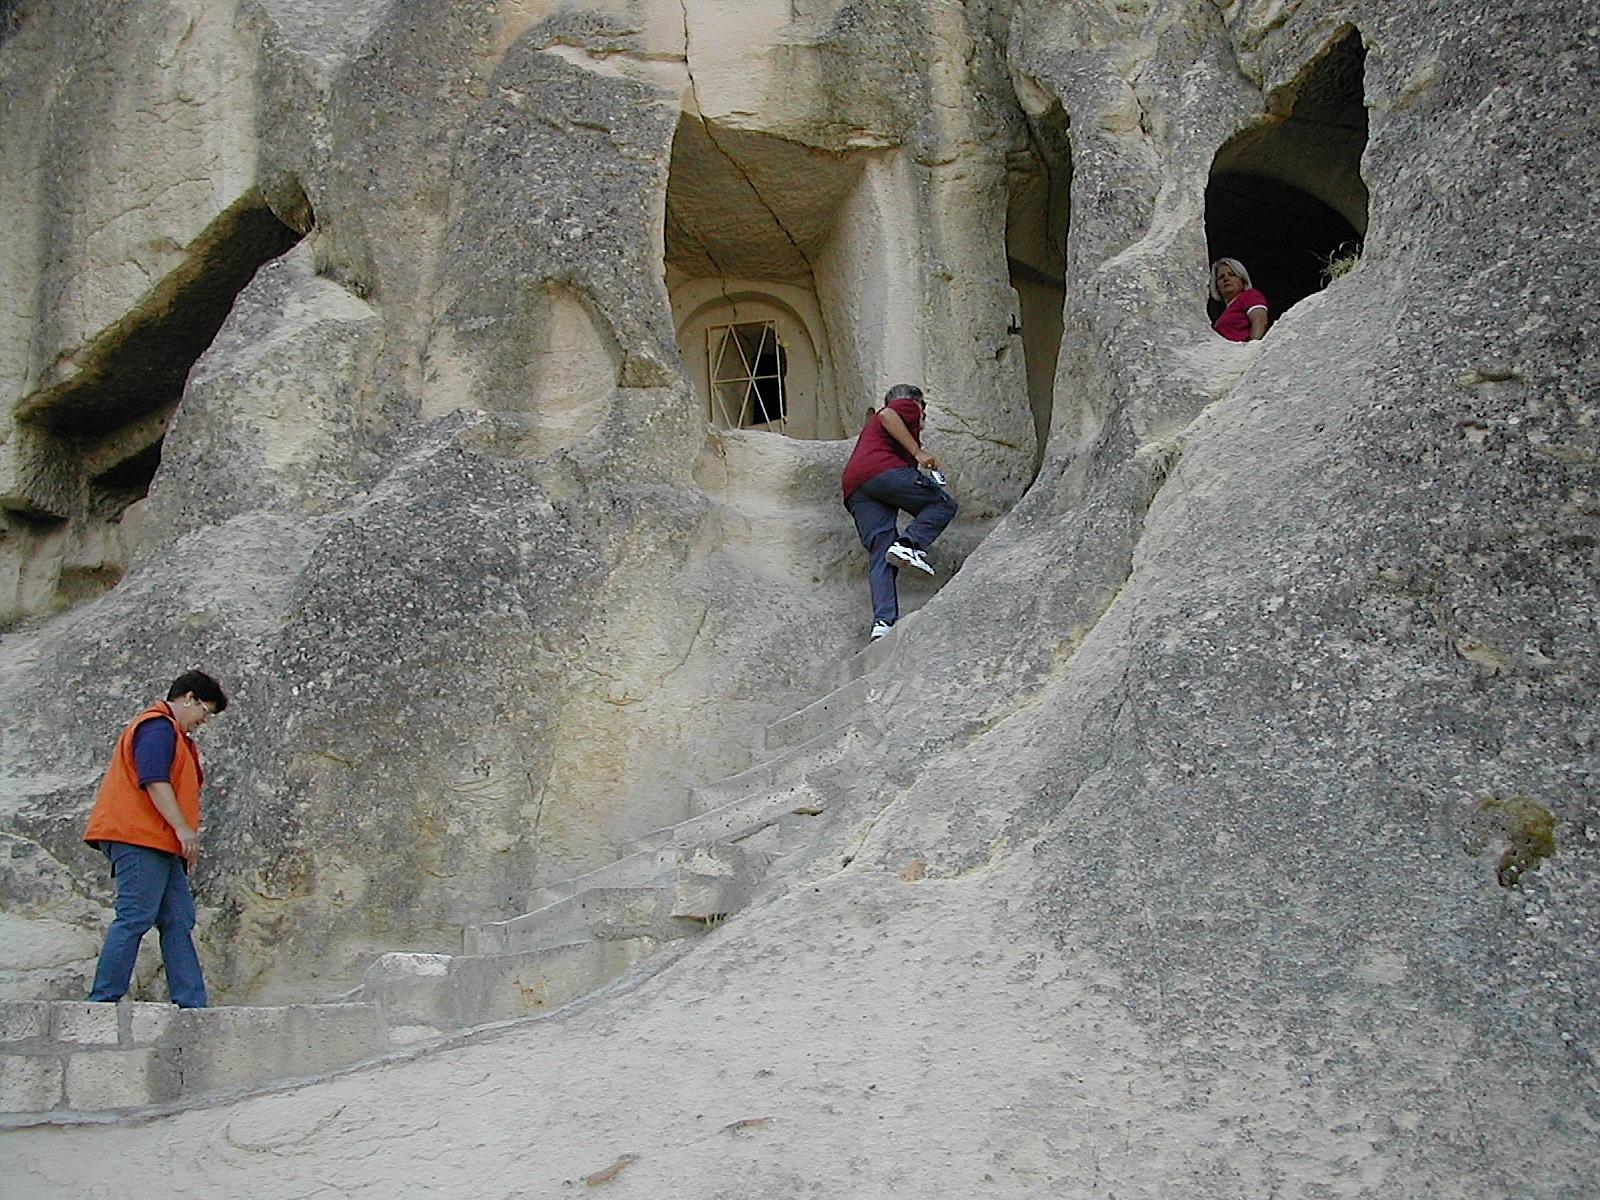 Bergkameraden